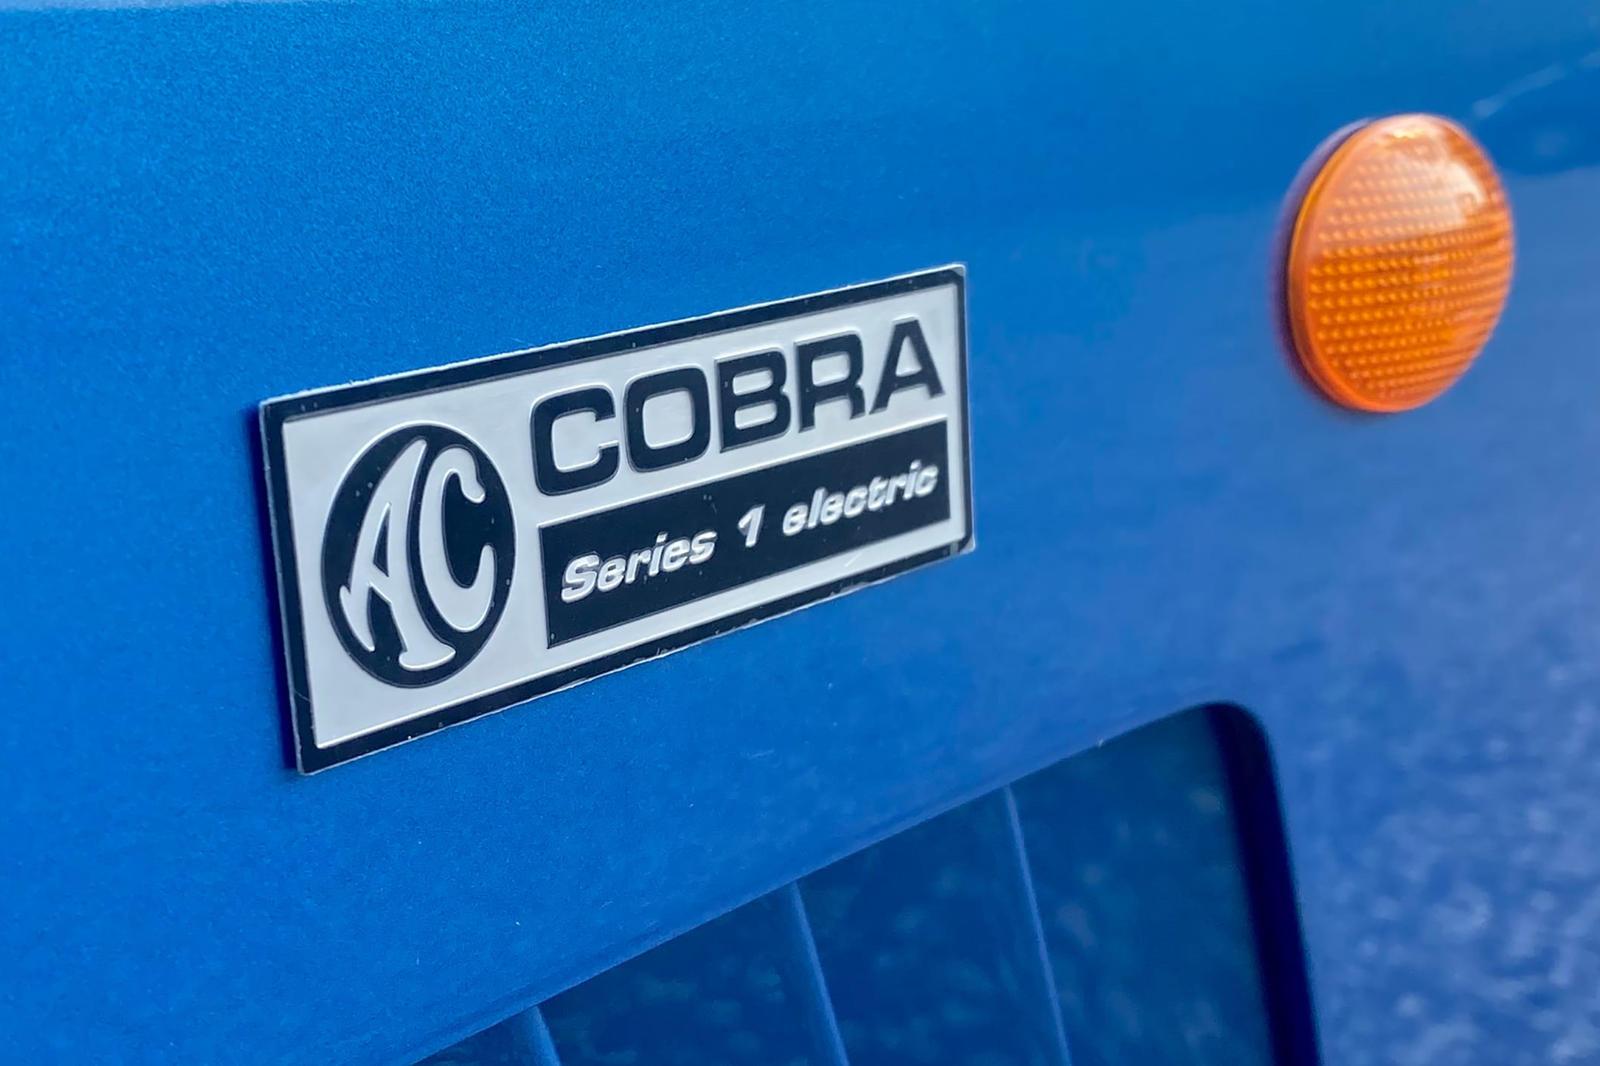 Встречайте AC Cobra Series 1. Родстер EV, выпущенный всего в 58 экземплярах, в настоящее время проходят финальные испытания, и в ближайшее время должны начаться первые поставки клиентам. Его характеристики впечатляют, но в них нет ничего грандиозного